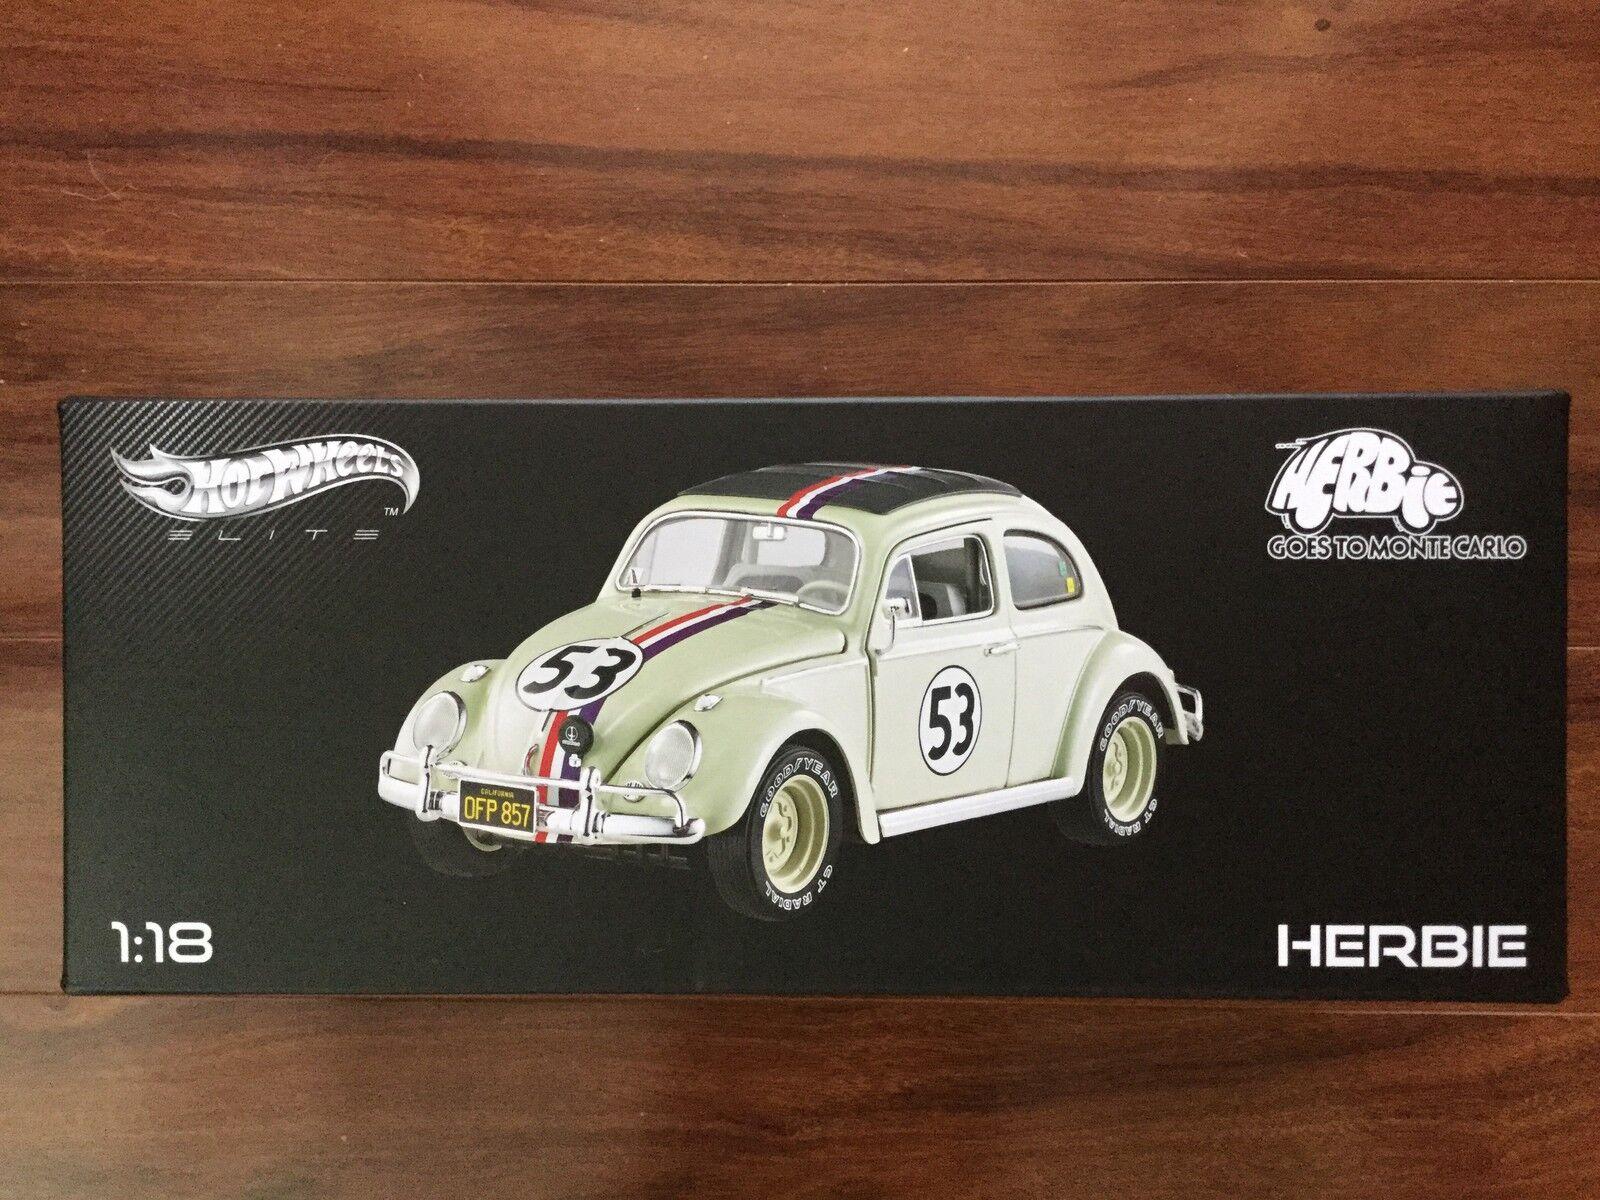 Hot Wheels Elite 1 18 Herbie va a Monte Carlo Nº de artículo BLY22 F S